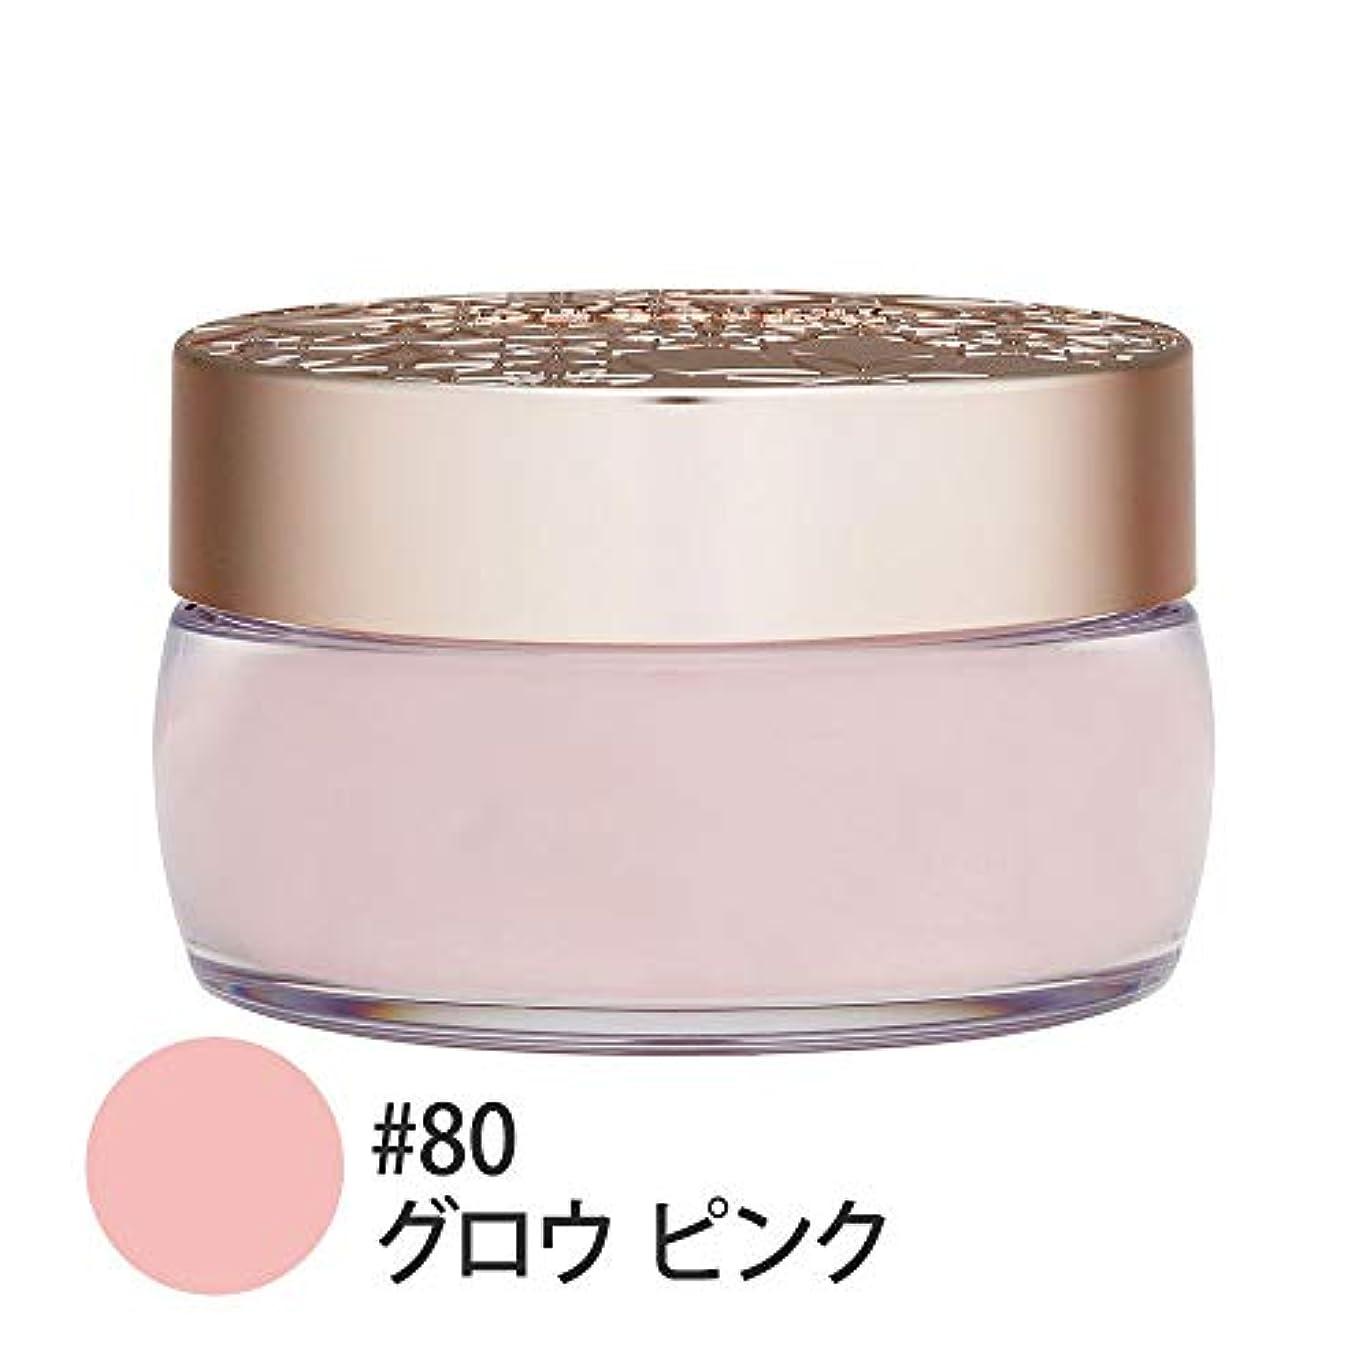 修理工報酬のストラップコスメデコルテ フェイスパウダー 20g (80 glow pink) [並行輸入品]